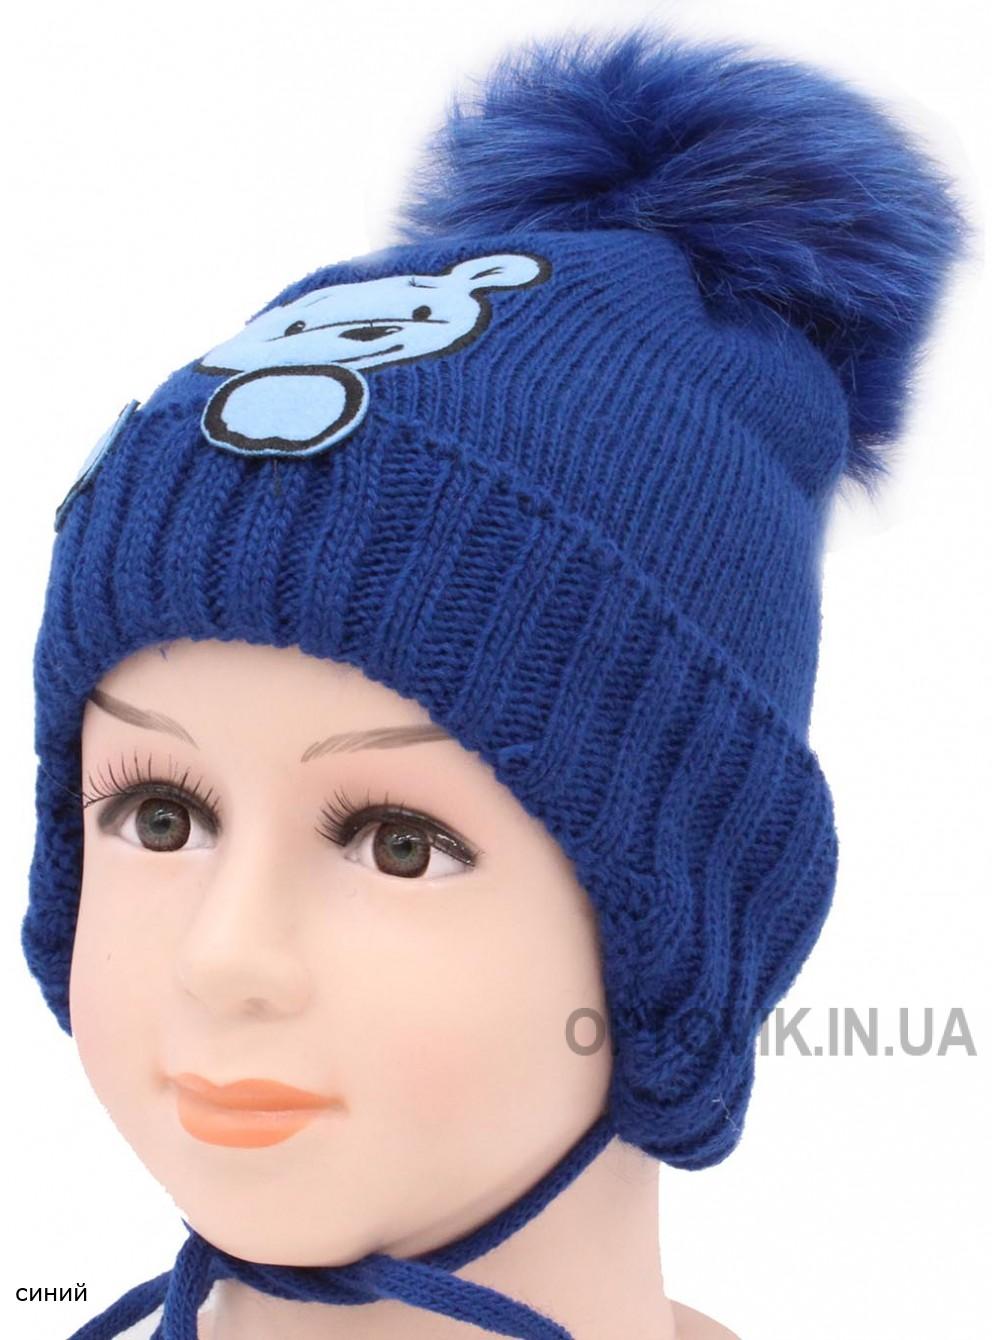 Детская вязаная шапка Балу F-65m-41-44-46